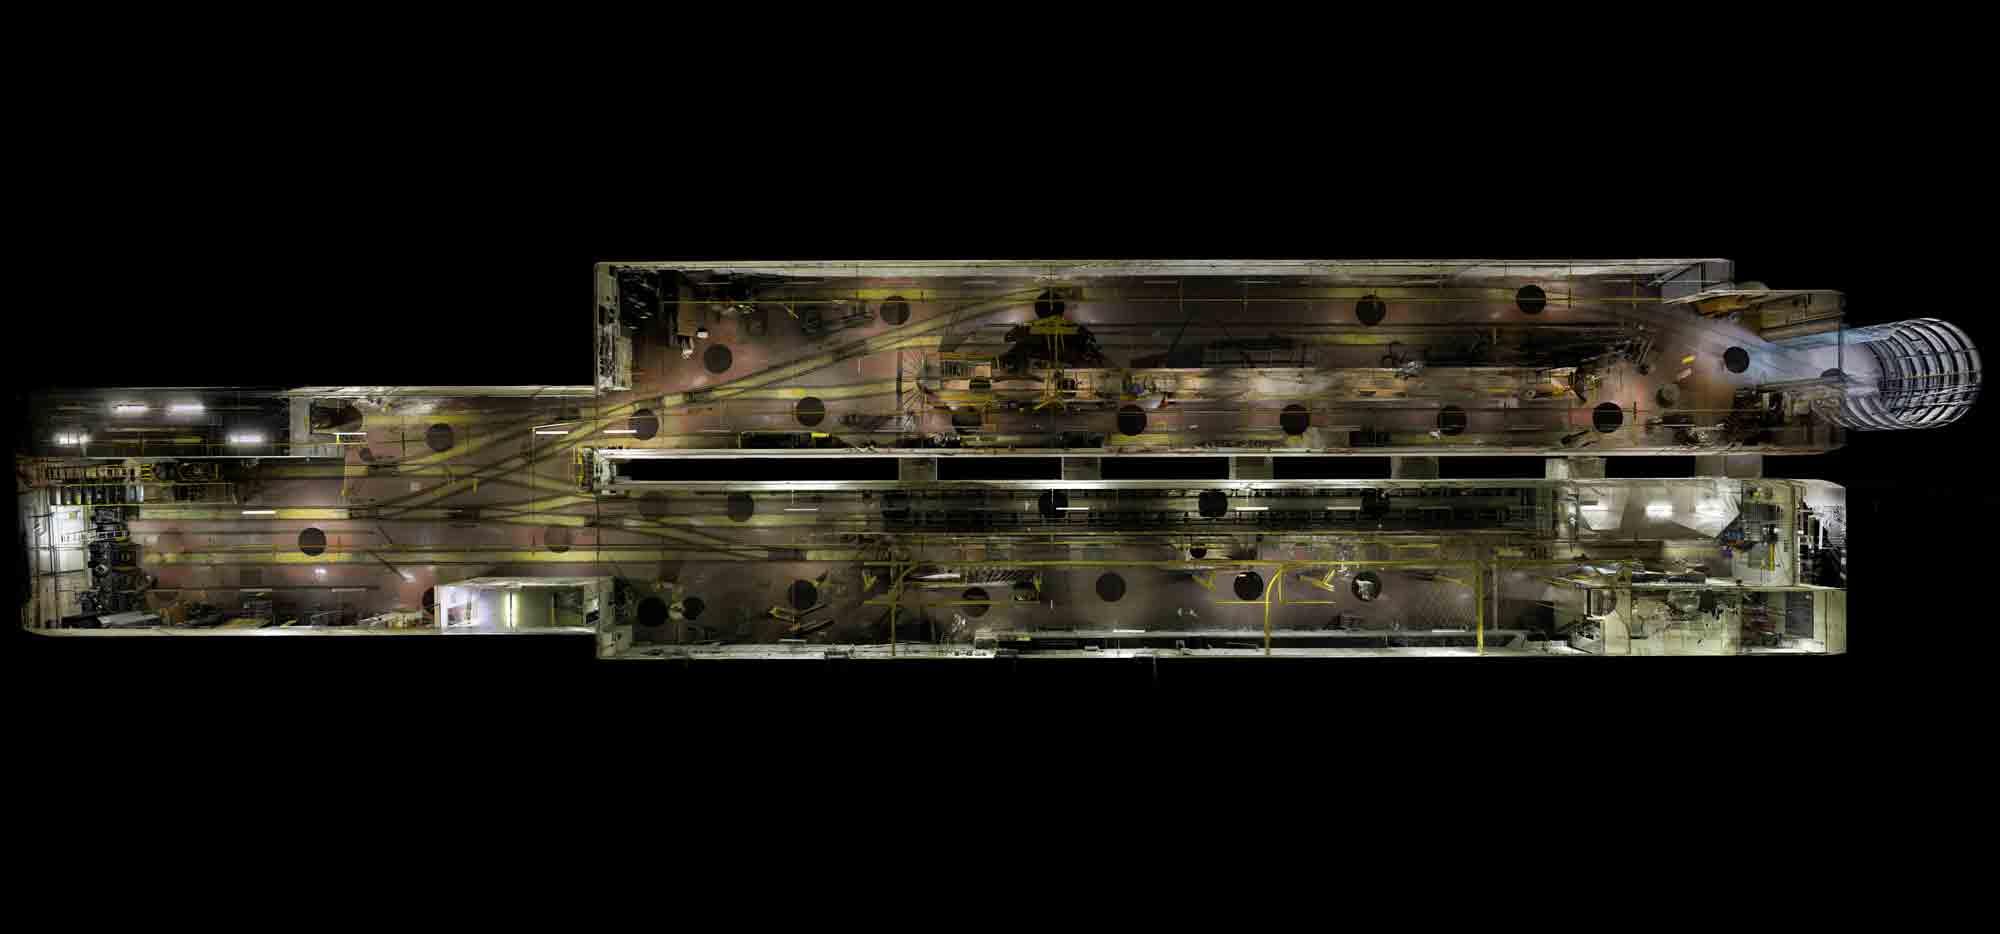 london postal museum 3D LiDAR scan